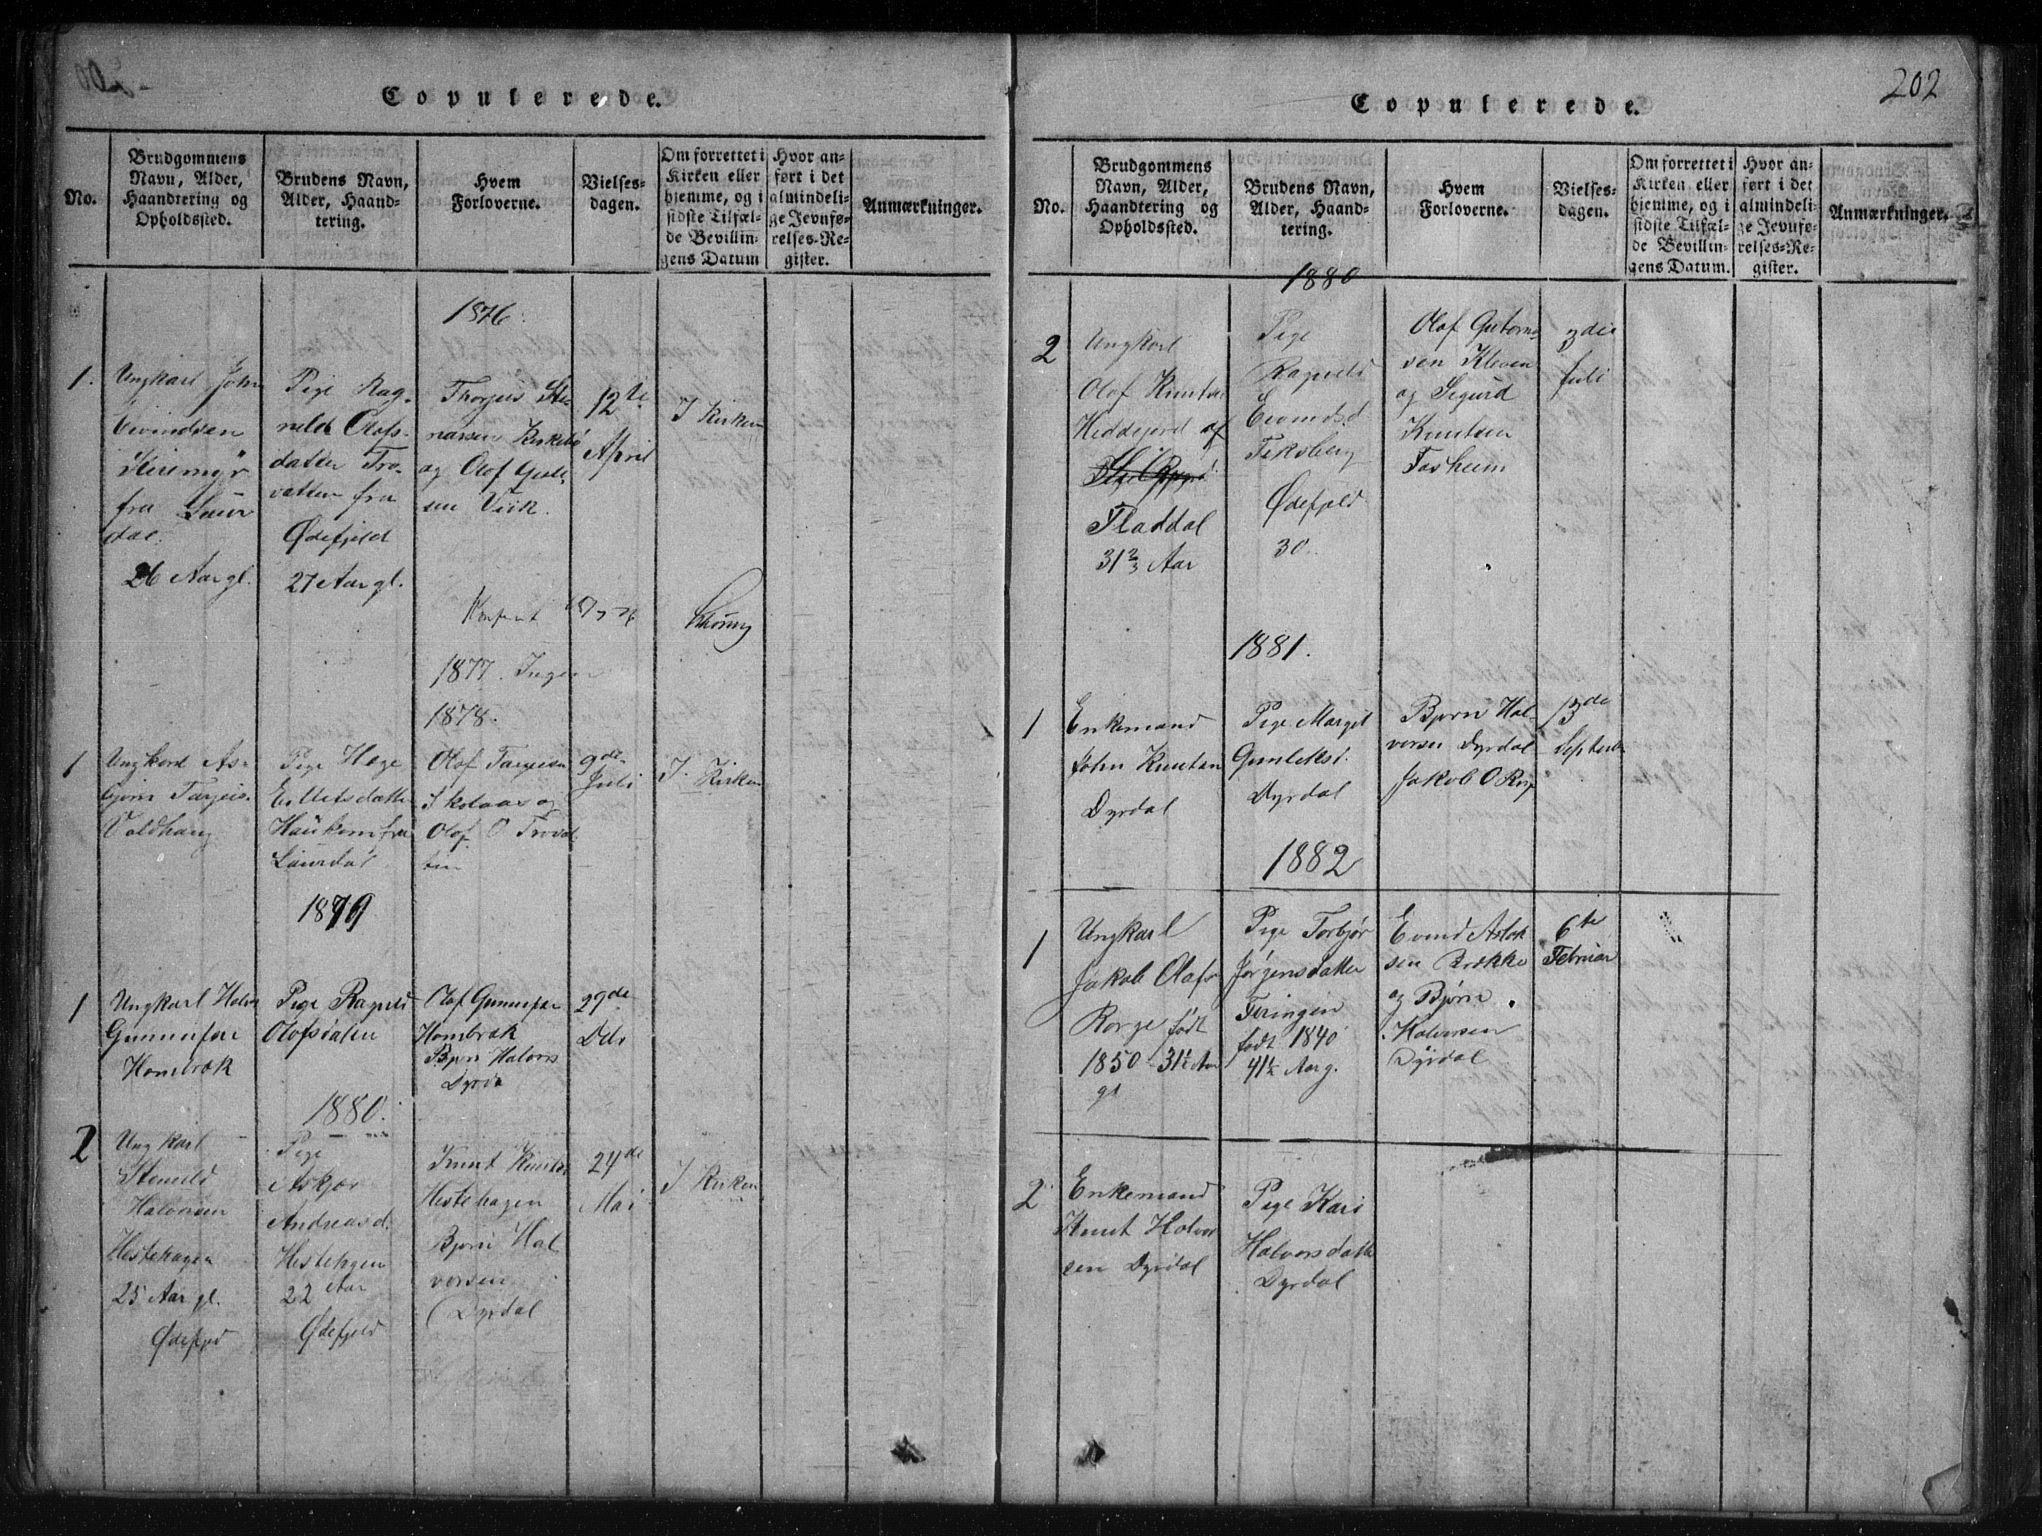 SAKO, Rauland kirkebøker, G/Gb/L0001: Klokkerbok nr. II 1, 1815-1886, s. 202